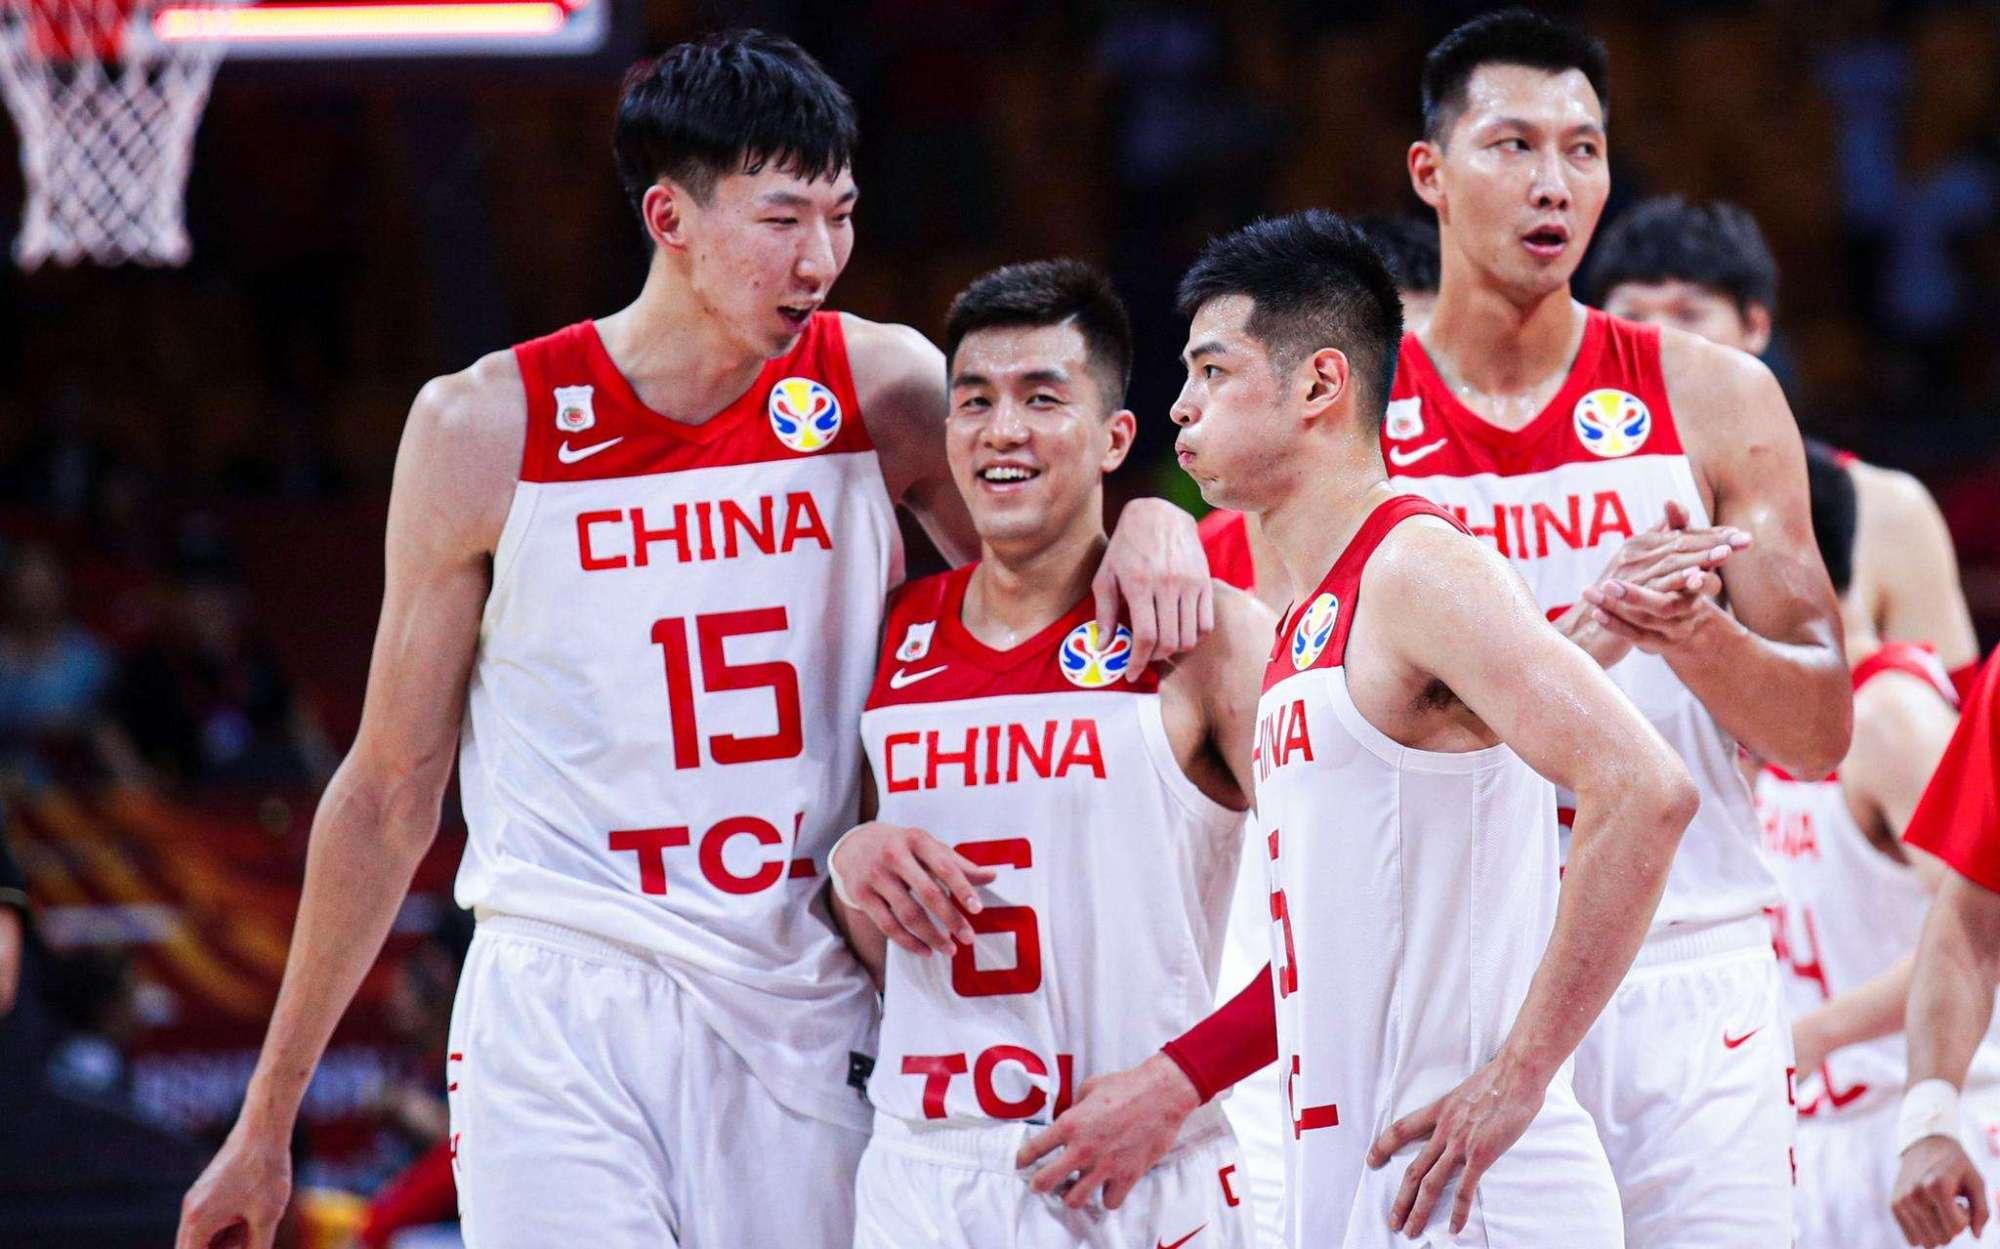 中国男篮集结倒计时!五大新星有望当选,郭艾伦和周琦仍是中心